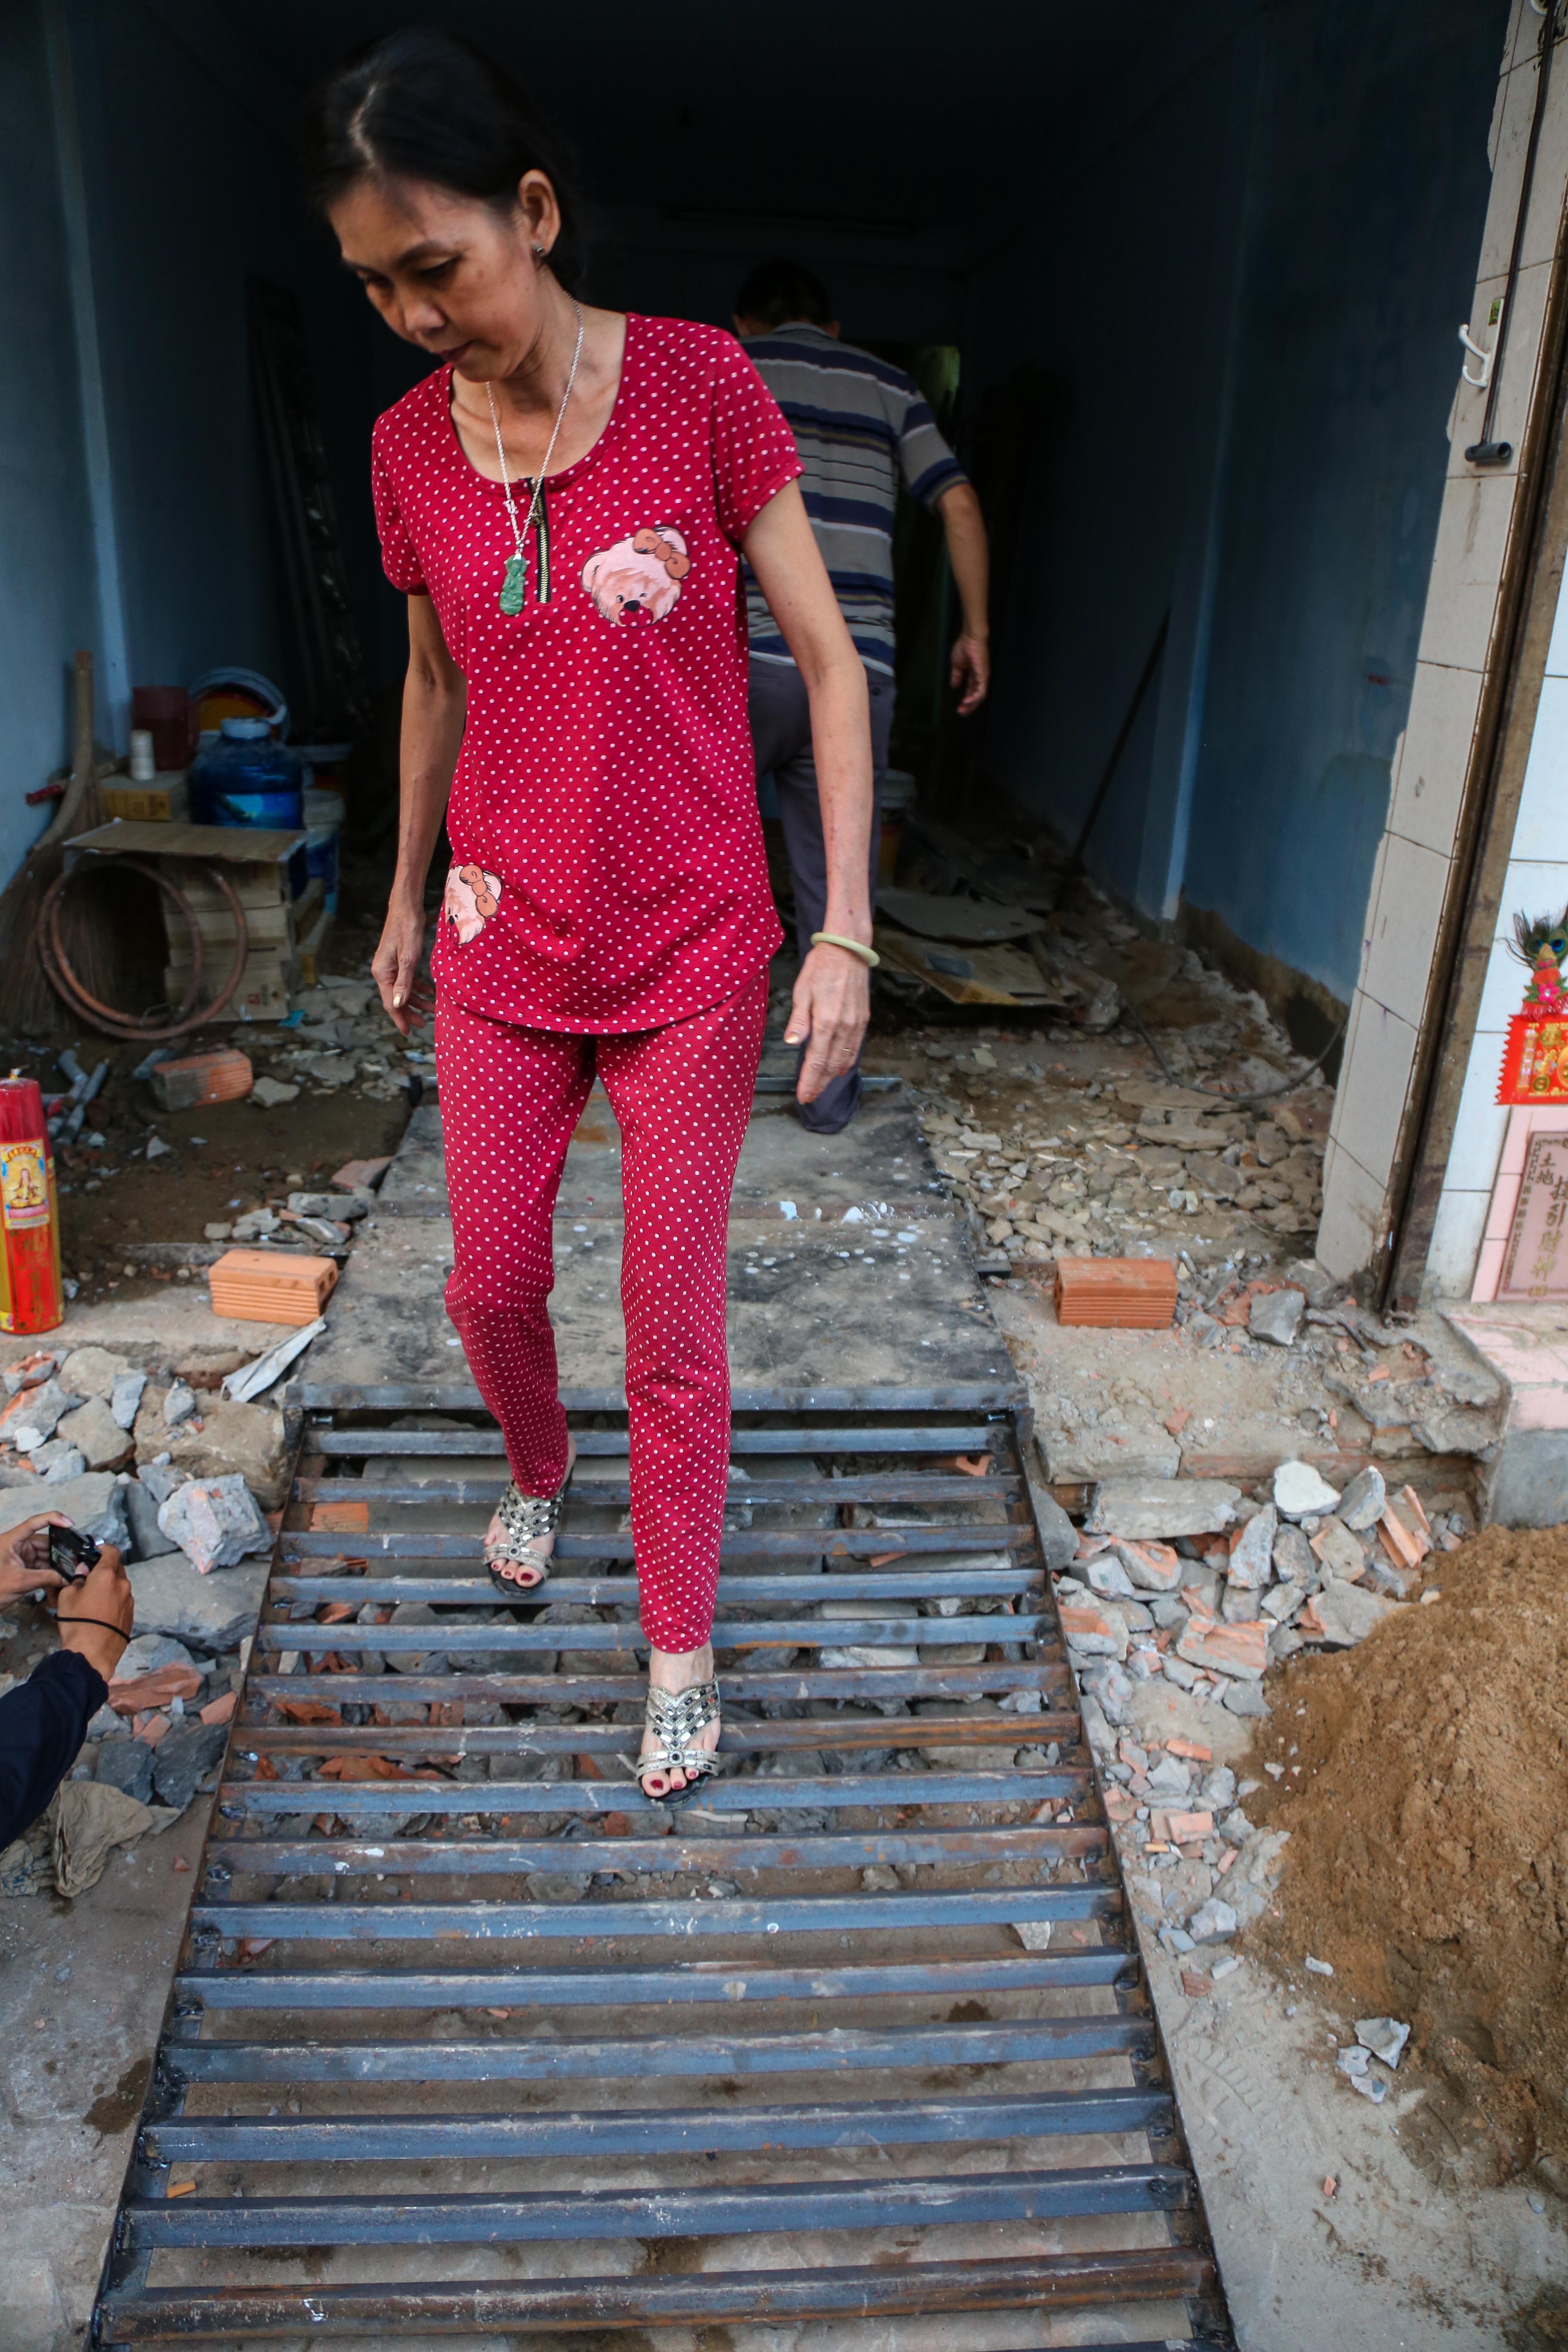 Cái khó ló cái khôn: Người Sài Gòn lắp bậc tam cấp di động như hộp tủ để không lấn chiếm vỉa hè - Ảnh 3.